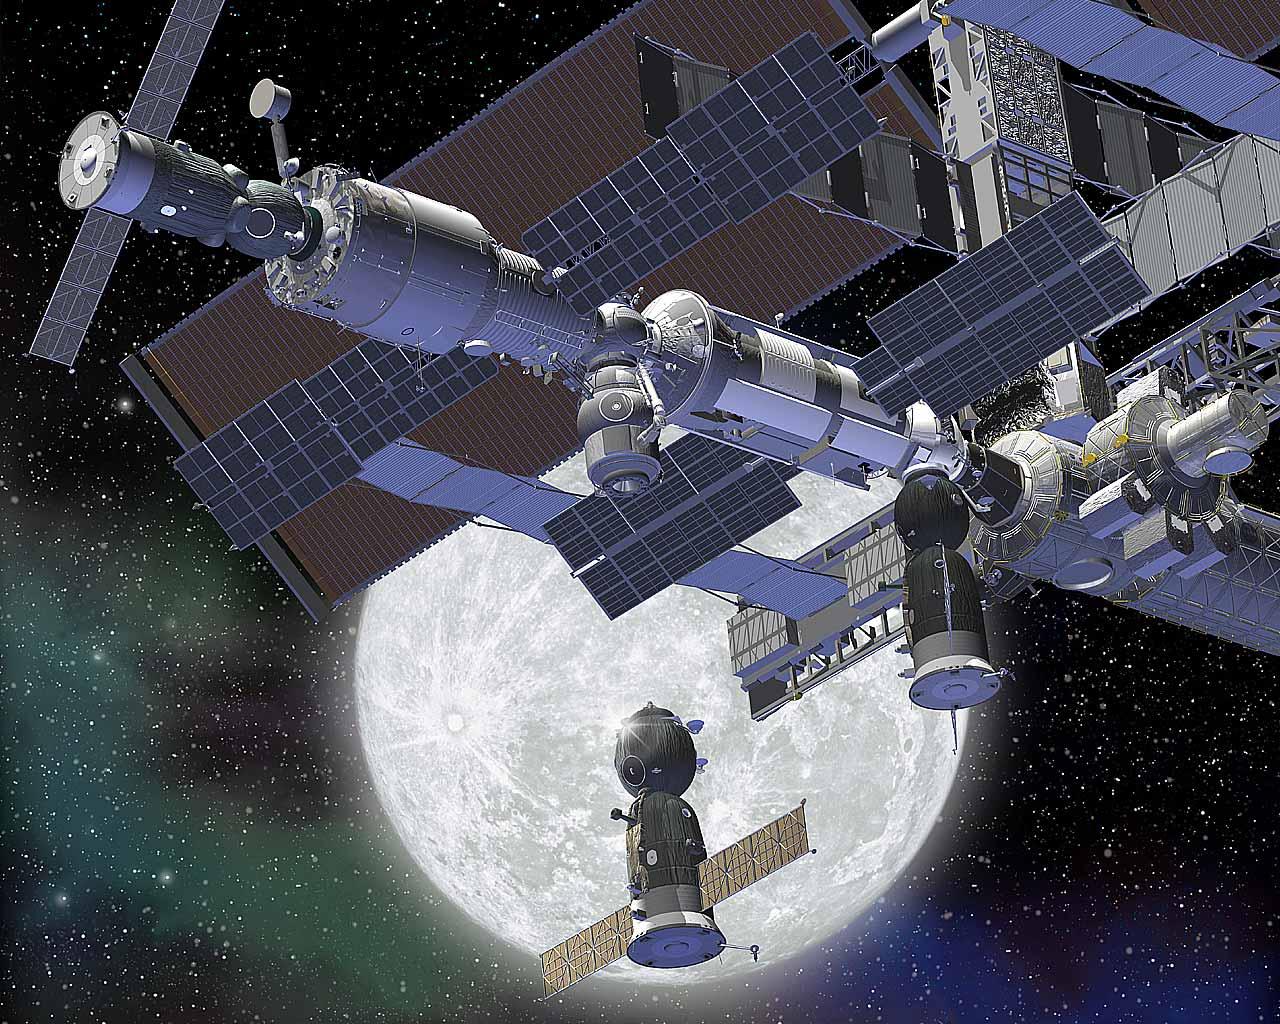 http://1.bp.blogspot.com/_O_L1W8HmE8E/TC3woOgF1gI/AAAAAAAABt8/jnK455flD8M/s1600/soyuz-iss-moon-docking-wallpaper.jpg